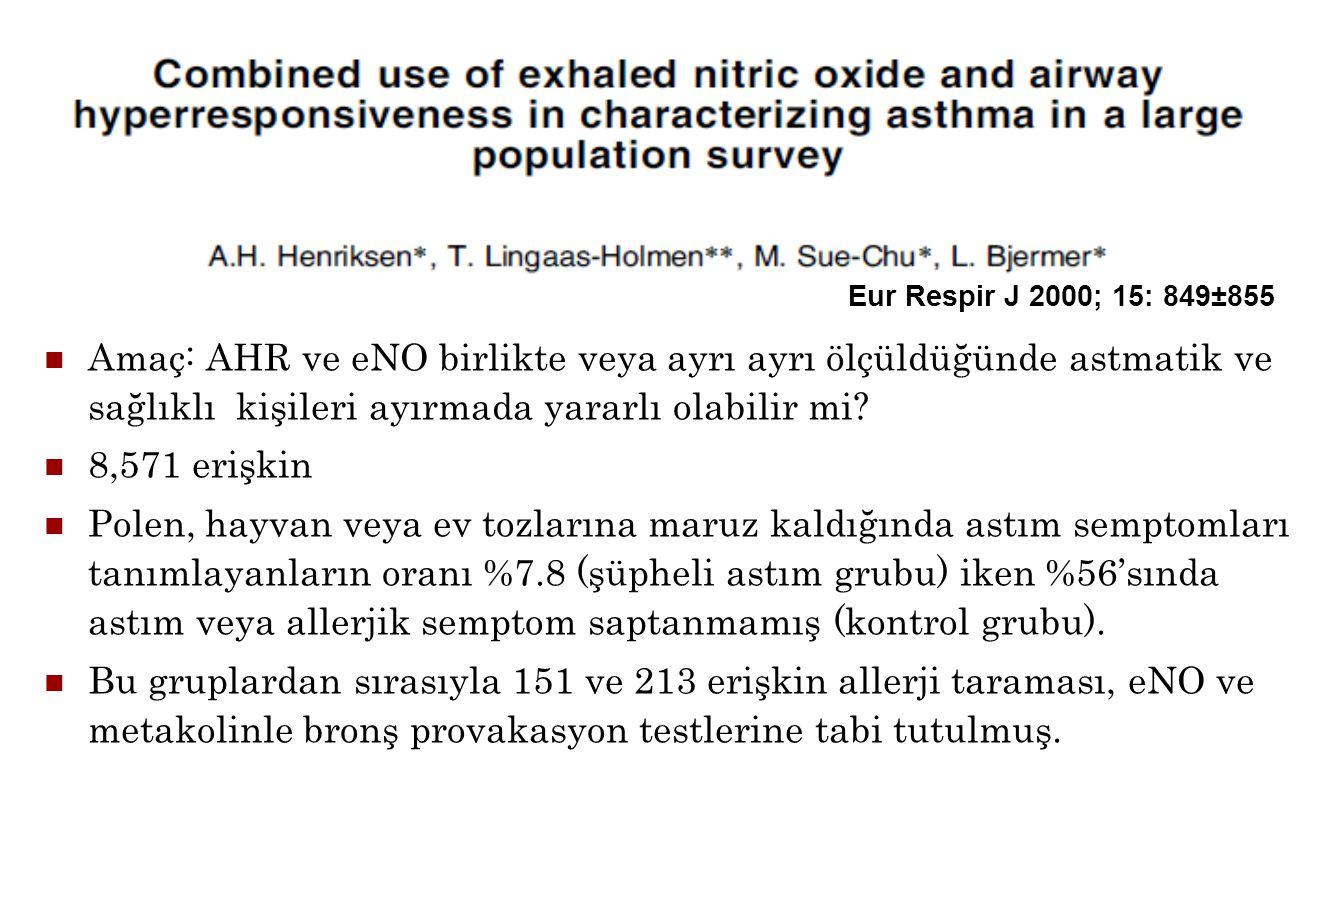 Eur Respir J 2000; 15: 849±855 Amaç: AHR ve eNO birlikte veya ayrı ayrı ölçüldüğünde astmatik ve sağlıklı kişileri ayırmada yararlı olabilir mi